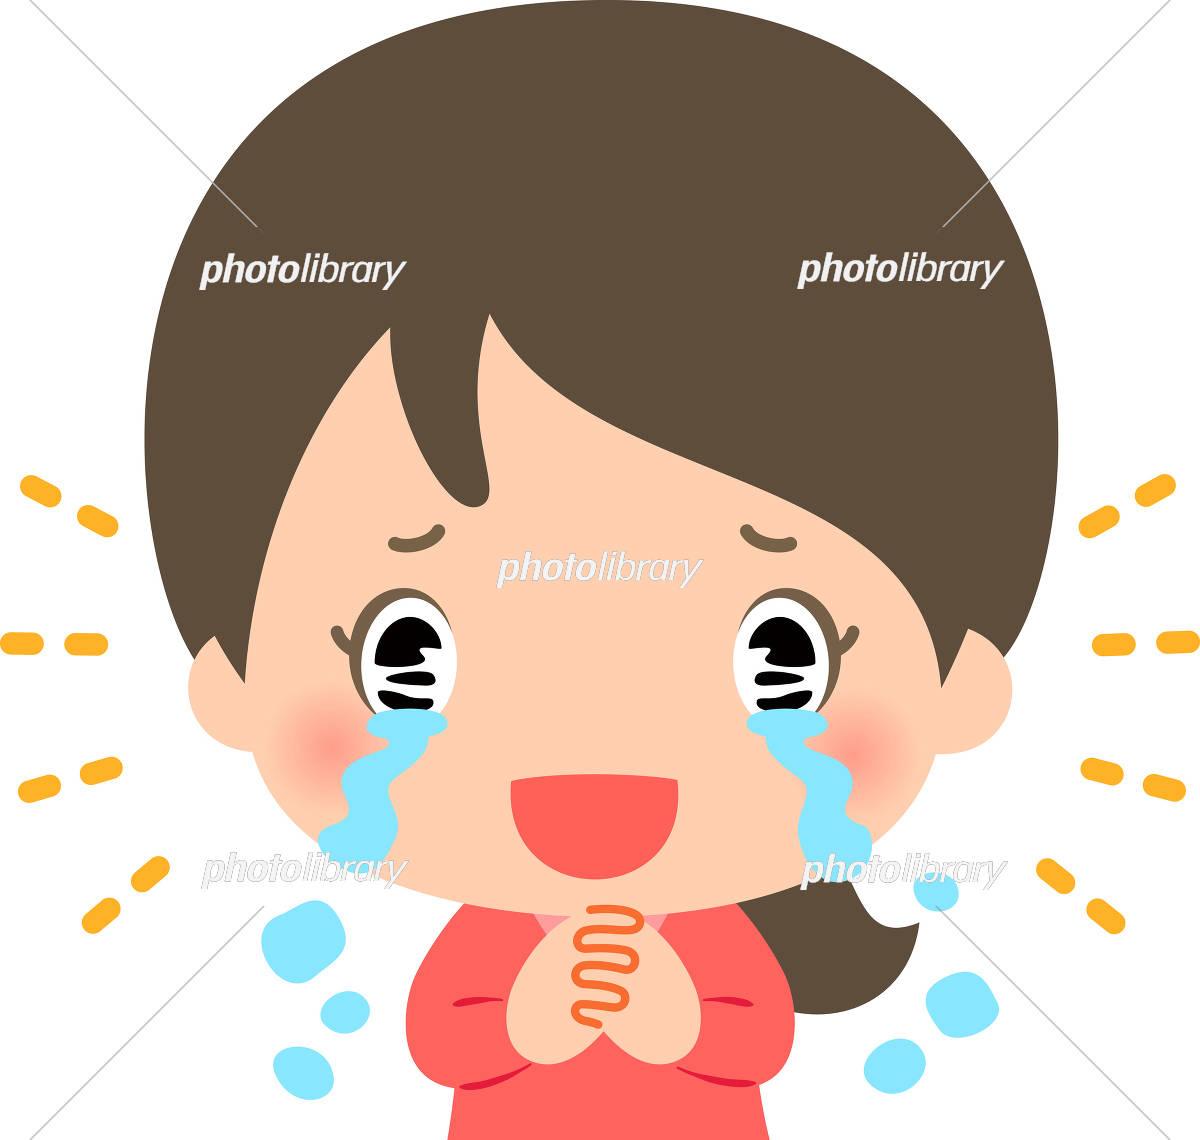 感涙する若い女性 イラスト素材 [ 5365738 ] - フォトライブラリー ...